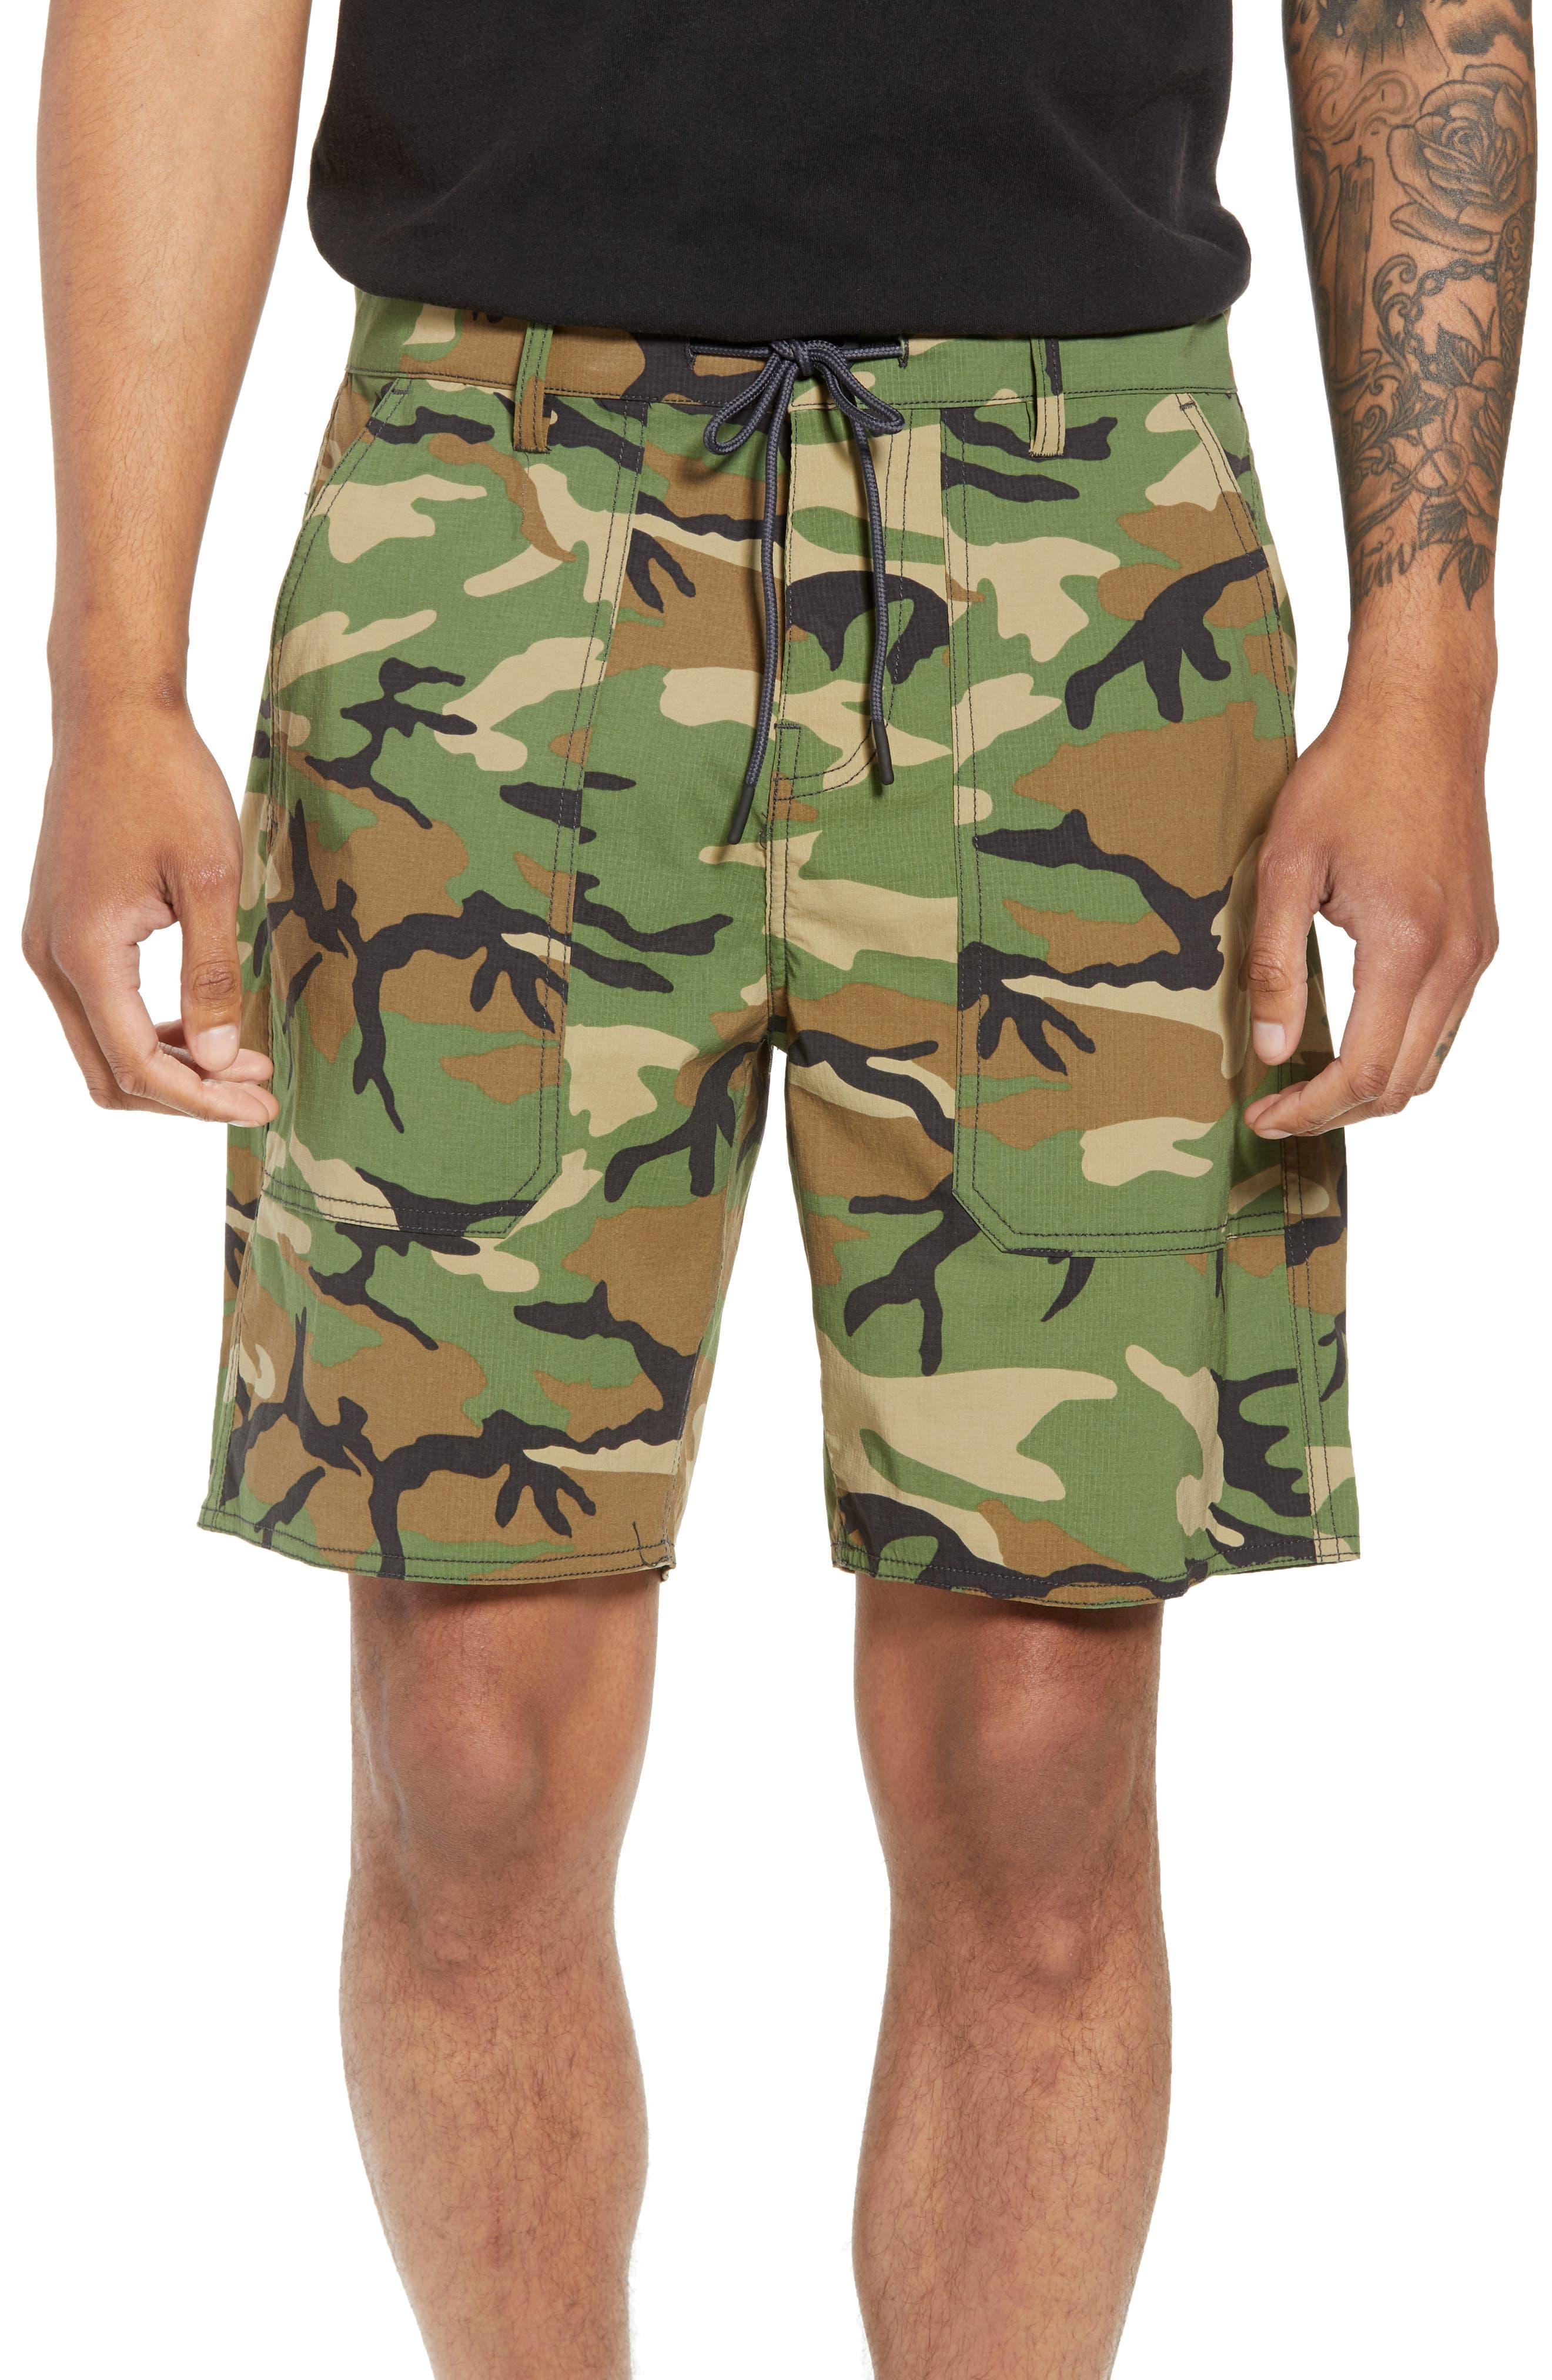 Prospect Service Shorts,                         Main,                         color, Multi Camo